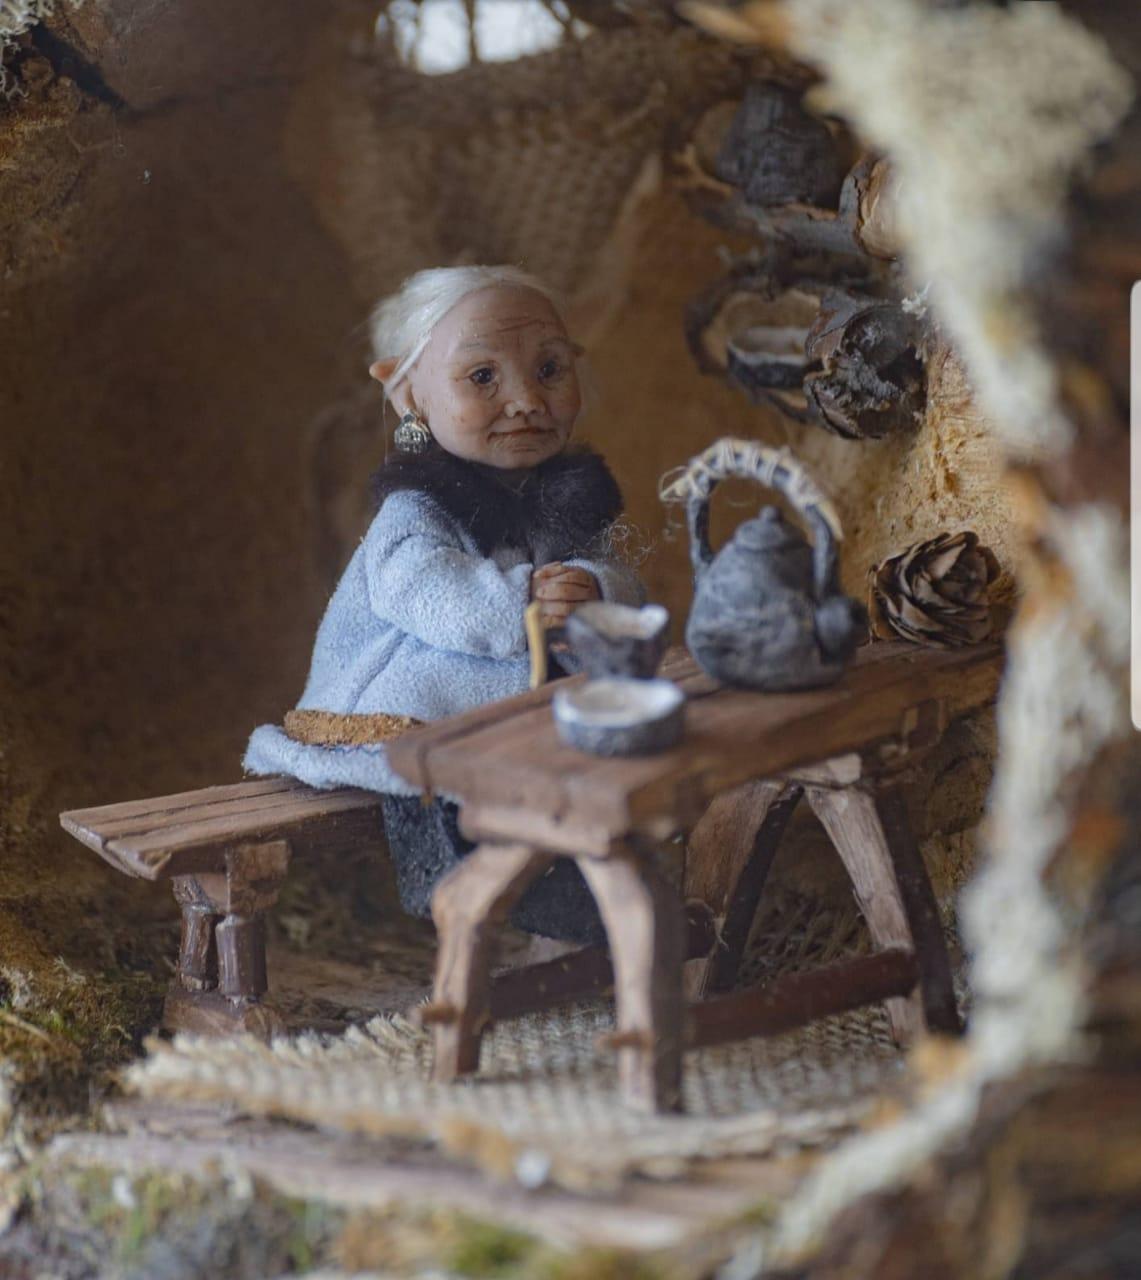 """Кукольный мастер из Якутии Хаарчаана Баппагай завоевала """"Приз зрительских симпатий"""" на международном конкурсе"""